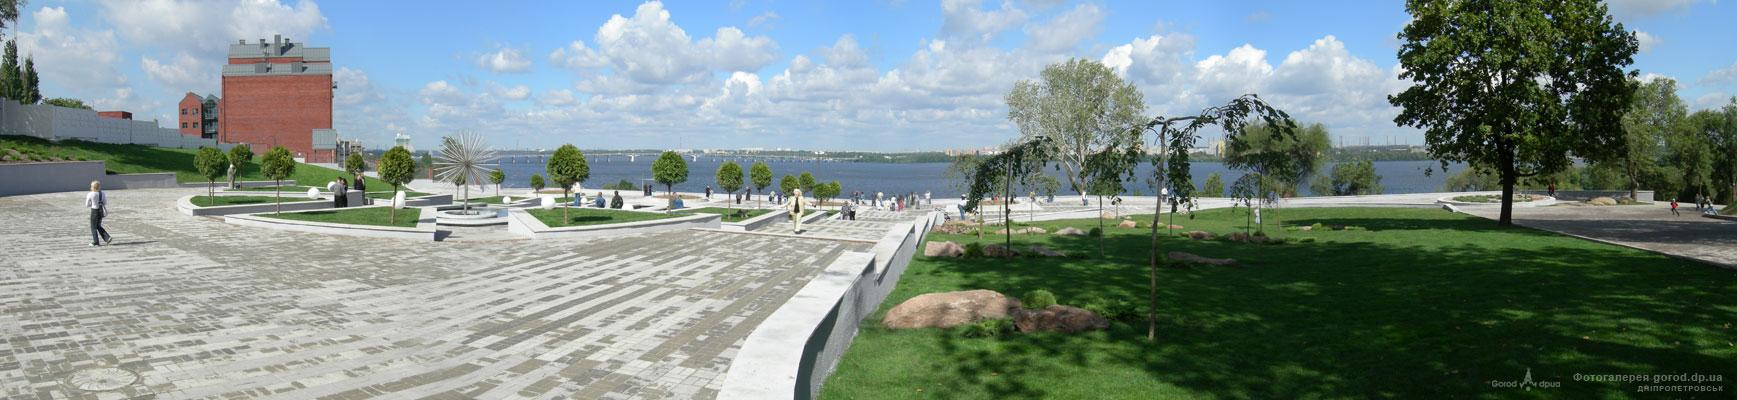 Панорама смотровой площадки в парке Шевченко